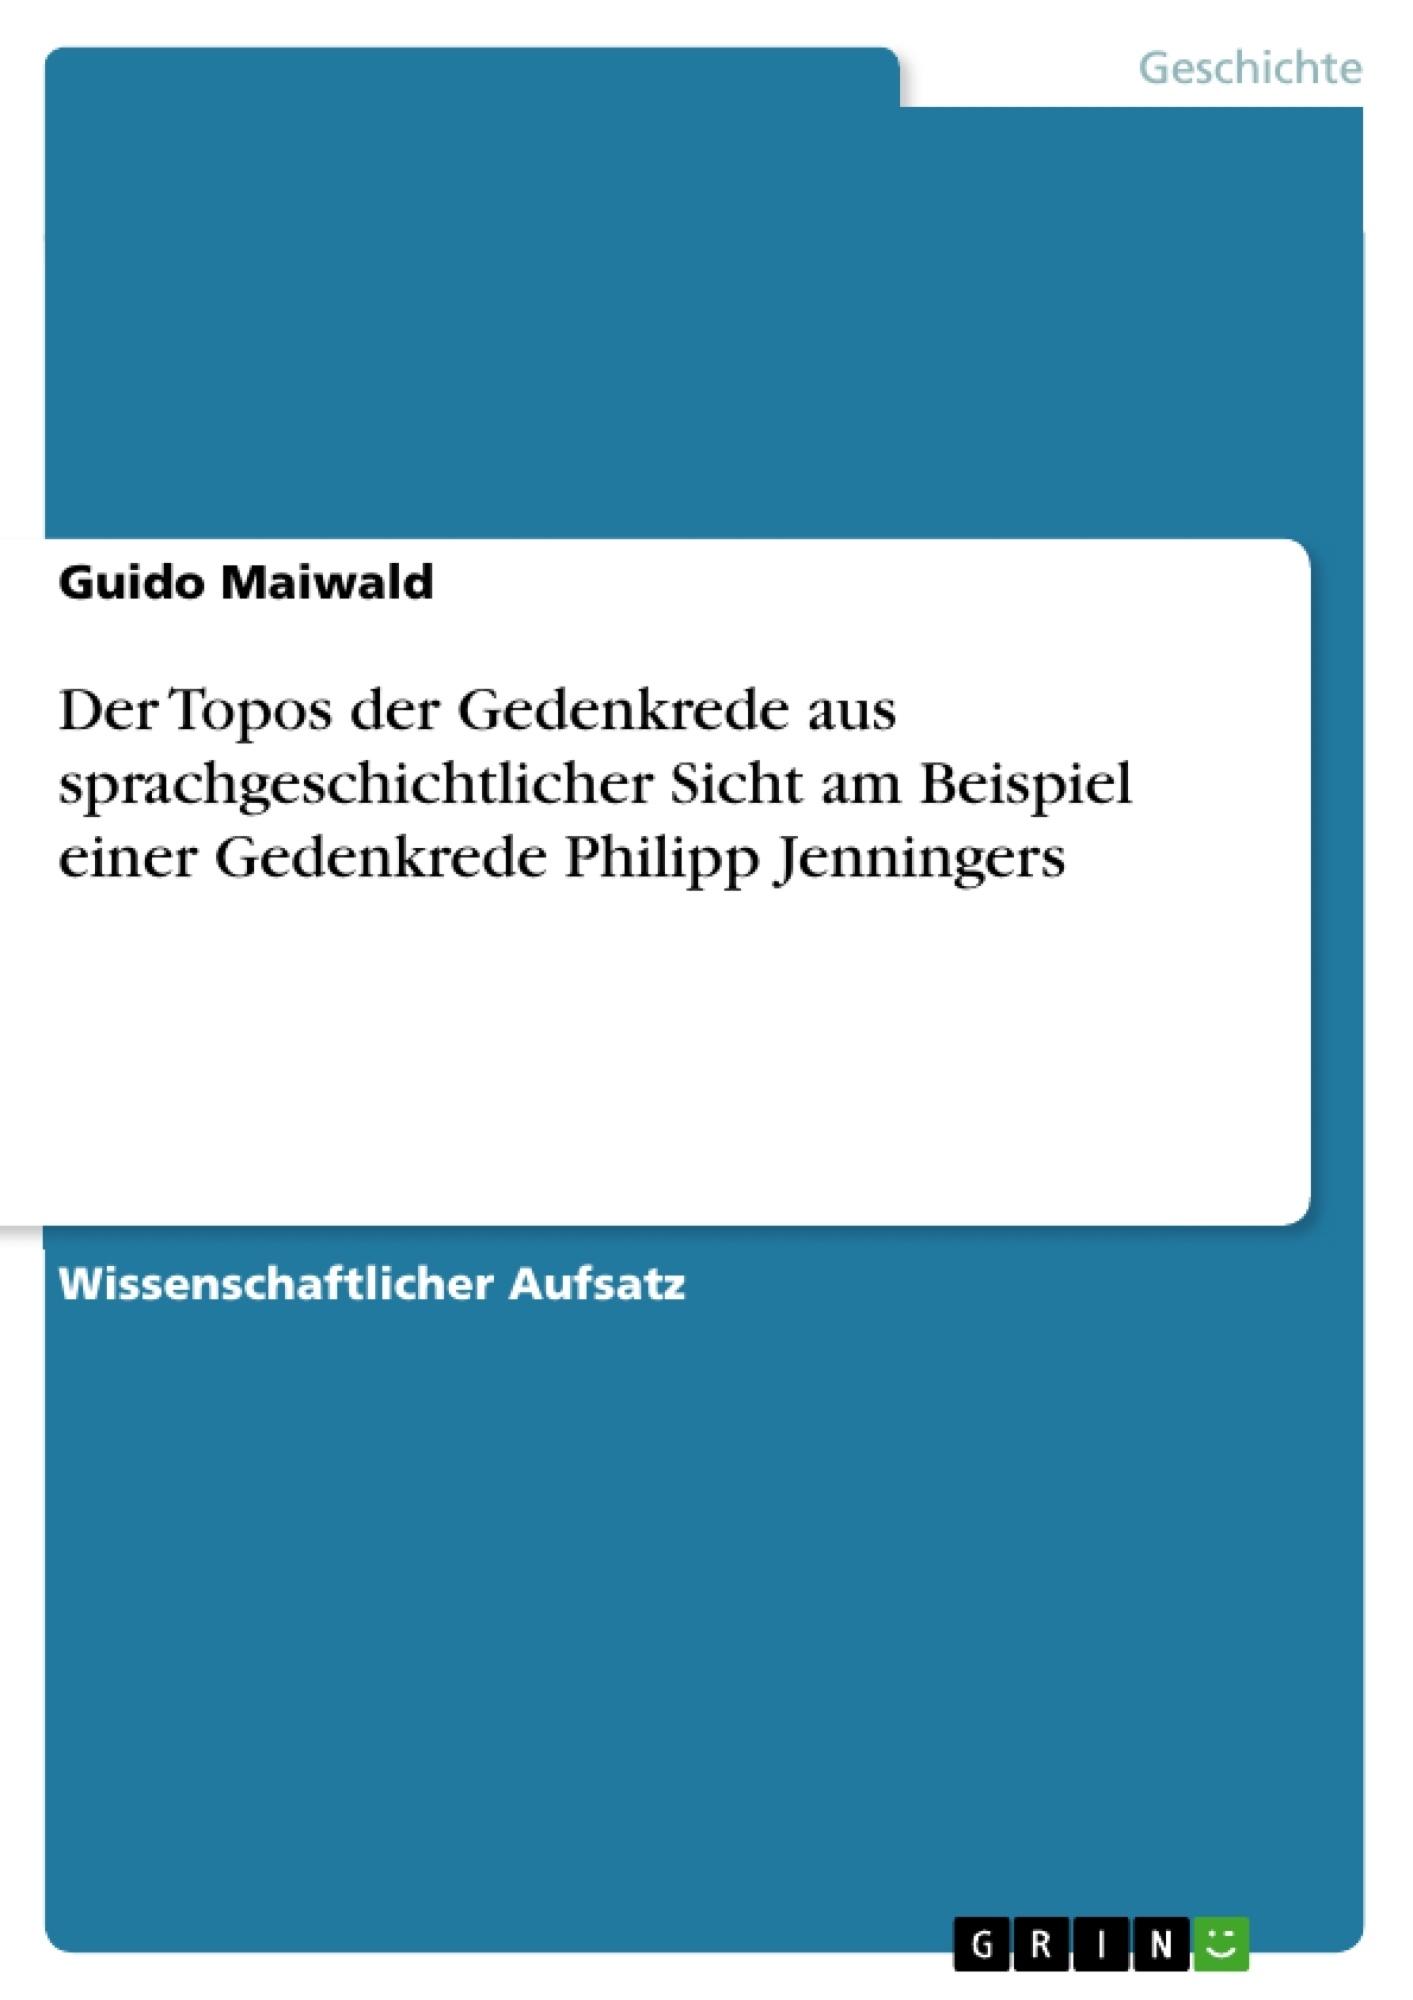 Titel: Der Topos der Gedenkrede aus sprachgeschichtlicher Sicht am Beispiel einer Gedenkrede Philipp Jenningers